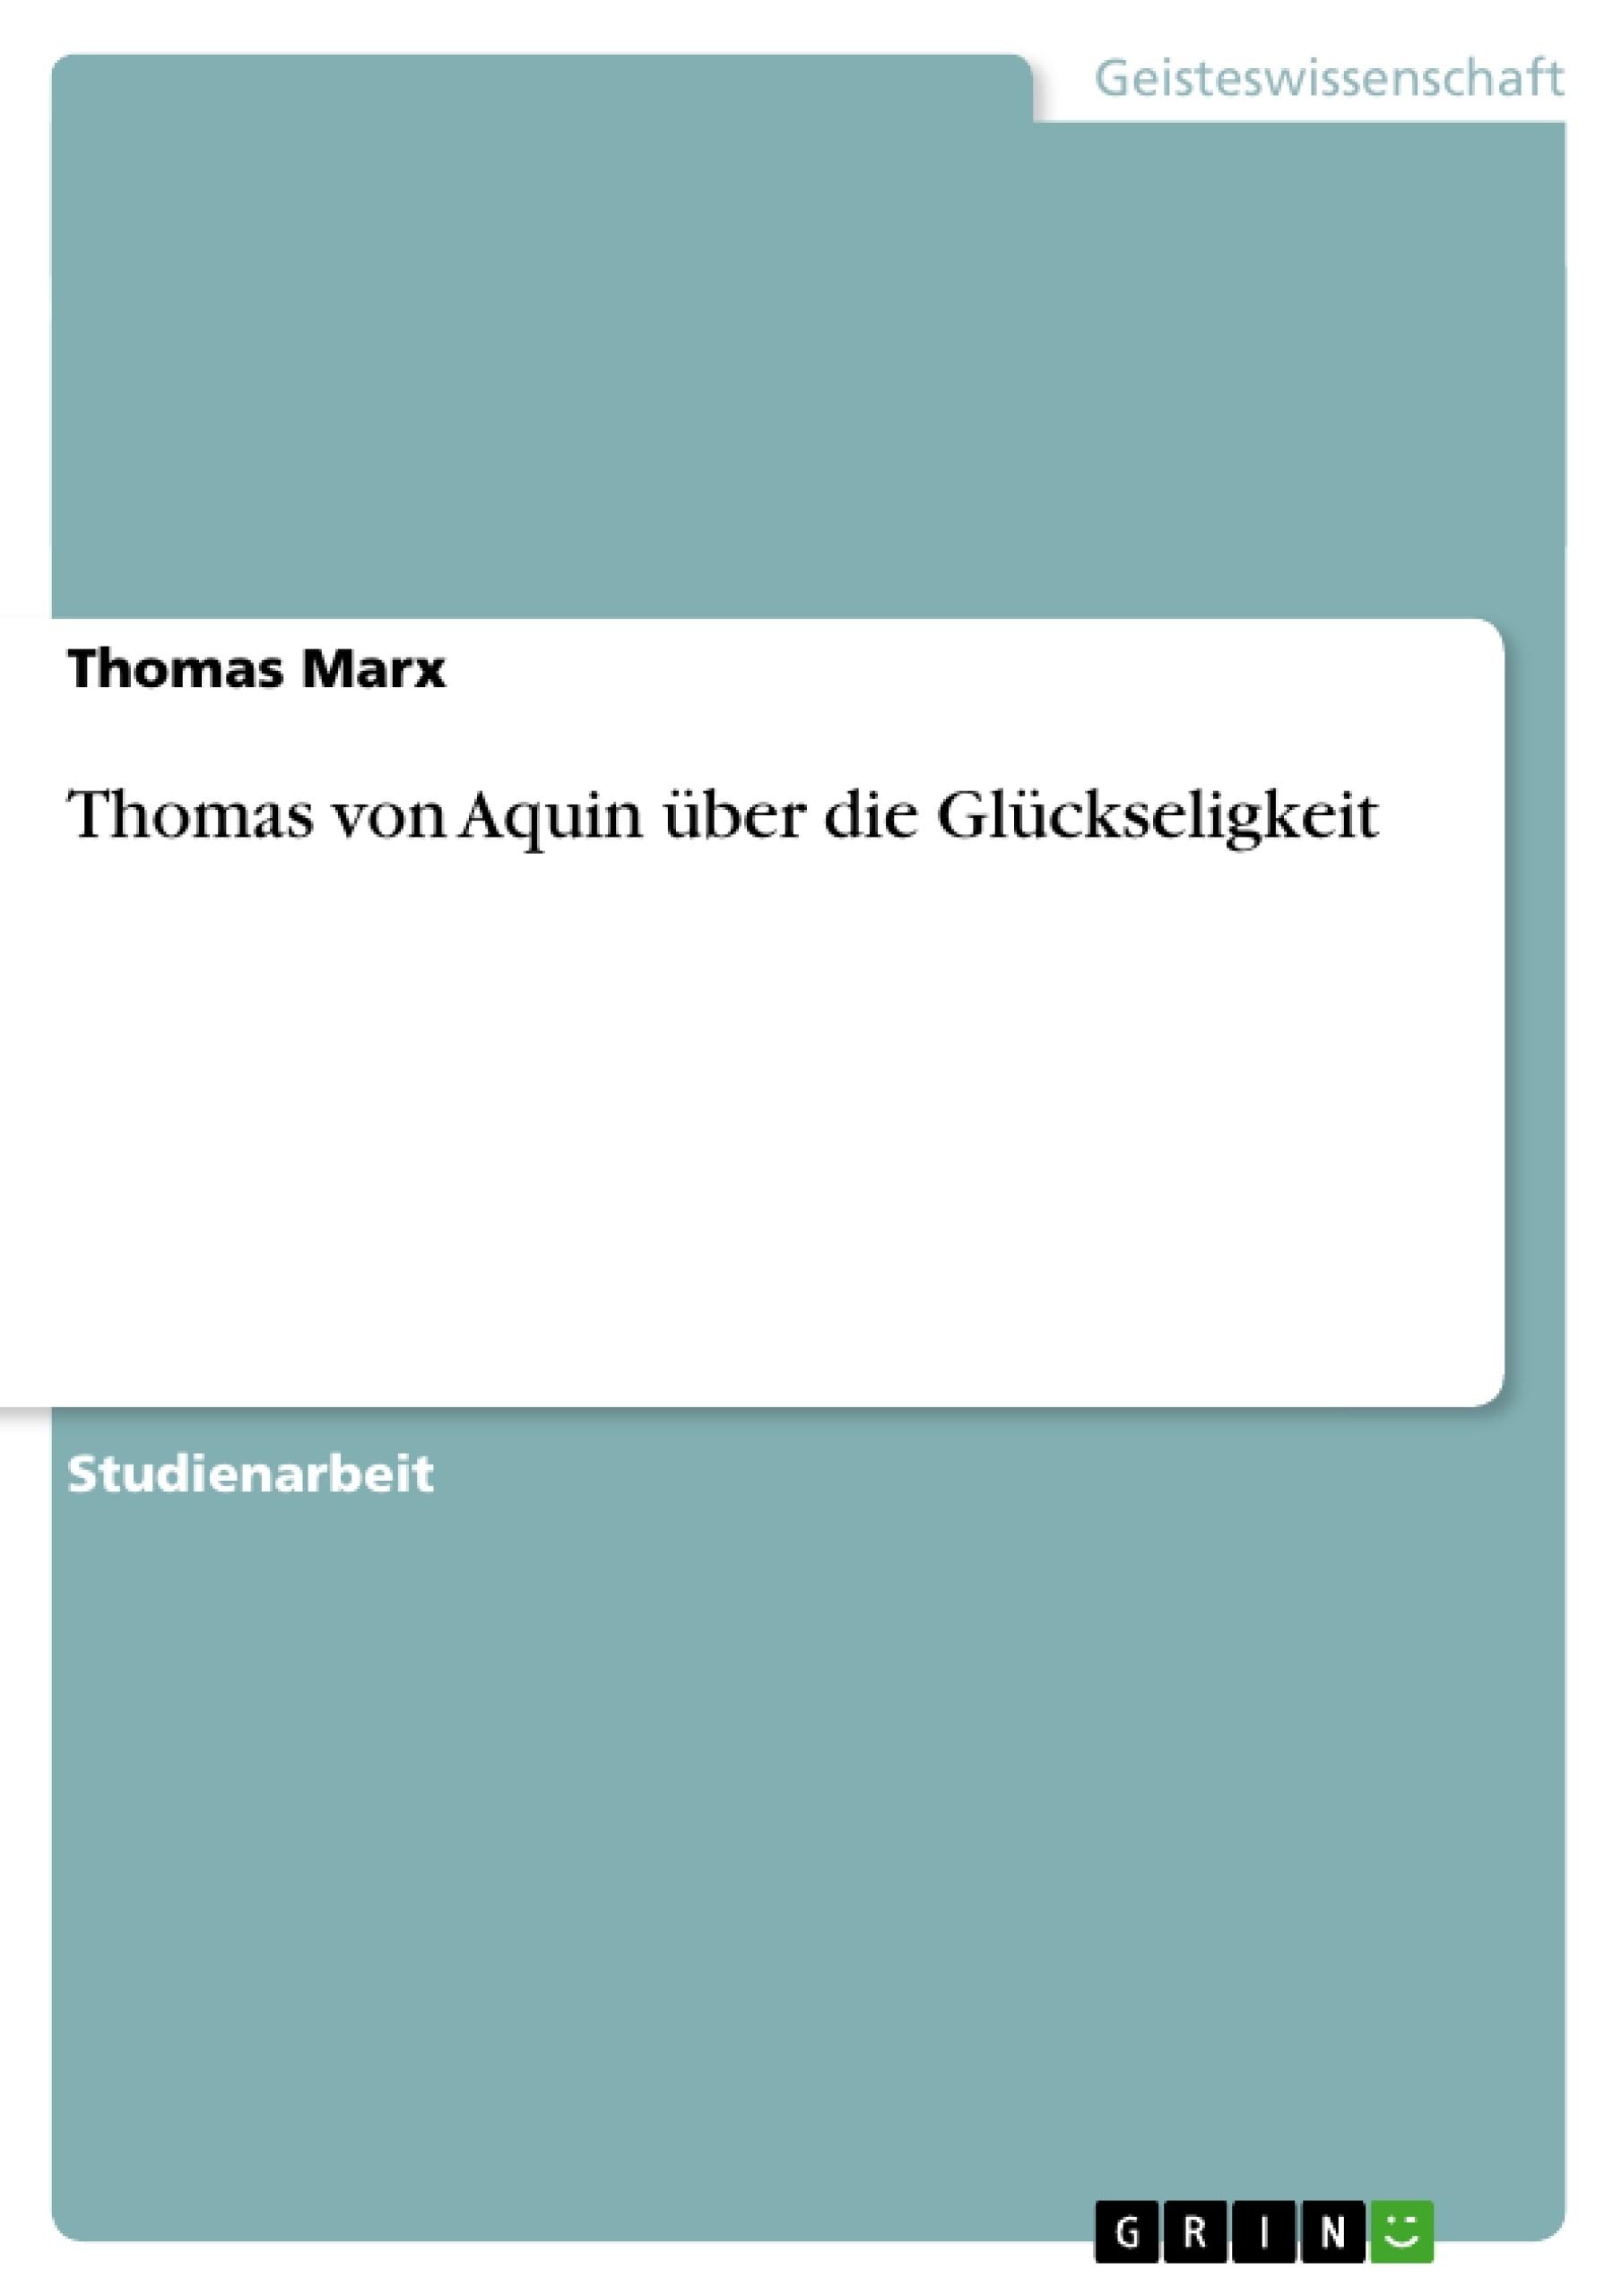 Titel: Thomas von Aquin über die Glückseligkeit